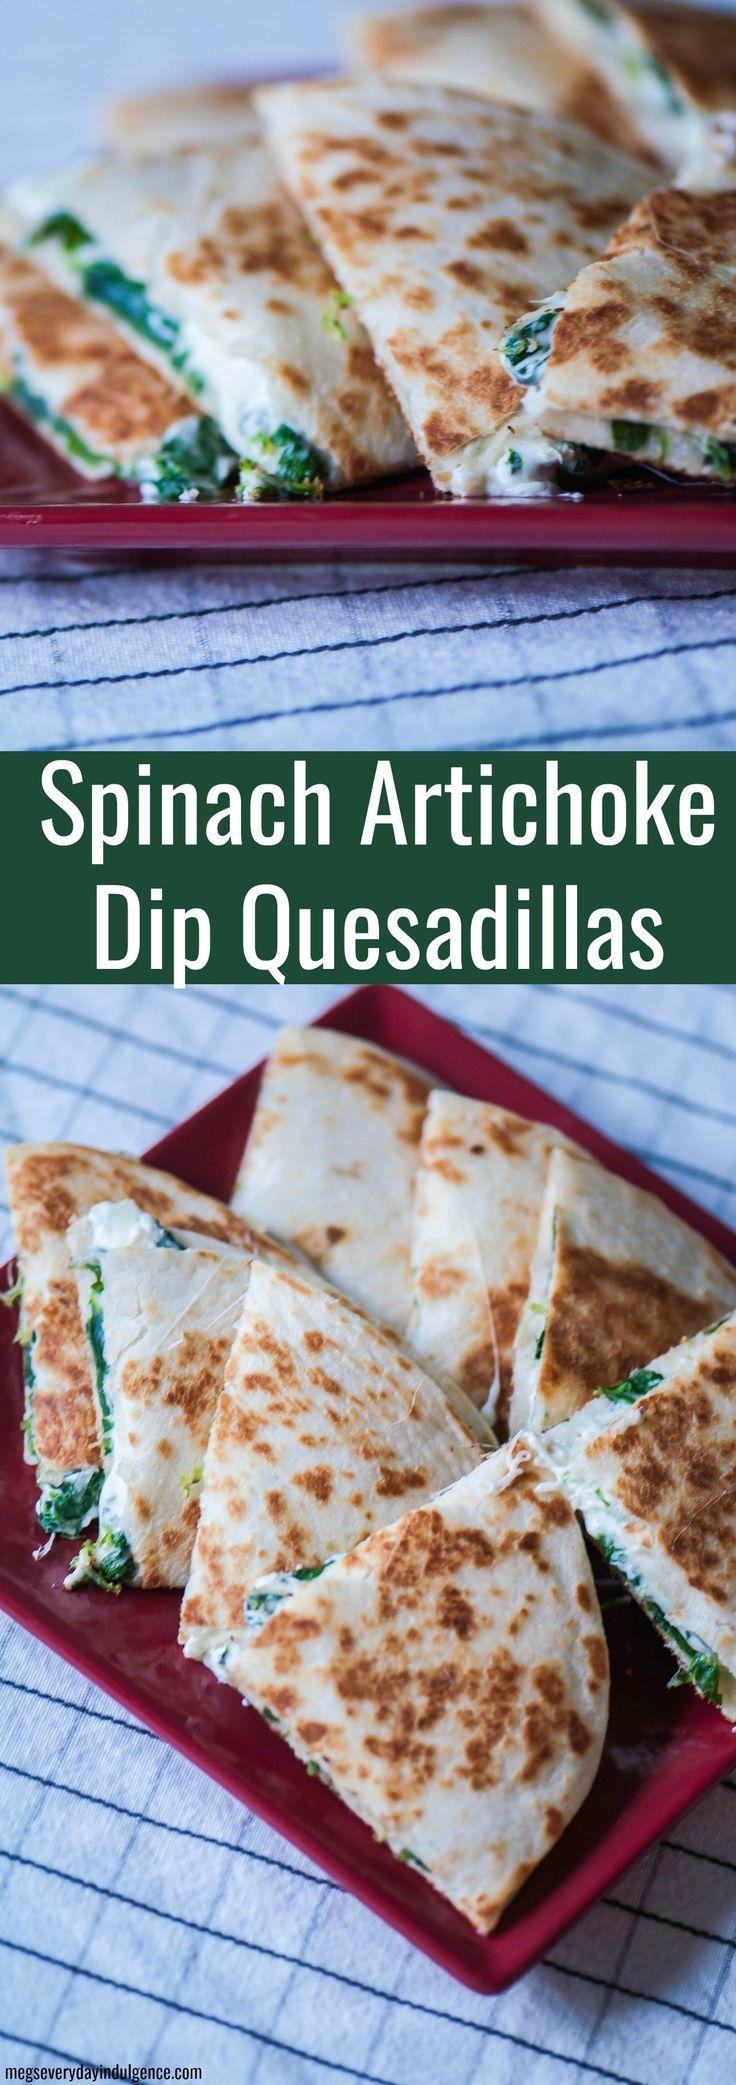 Spinach Artichoke Dip Quesadillas-healthy vegan recipes.